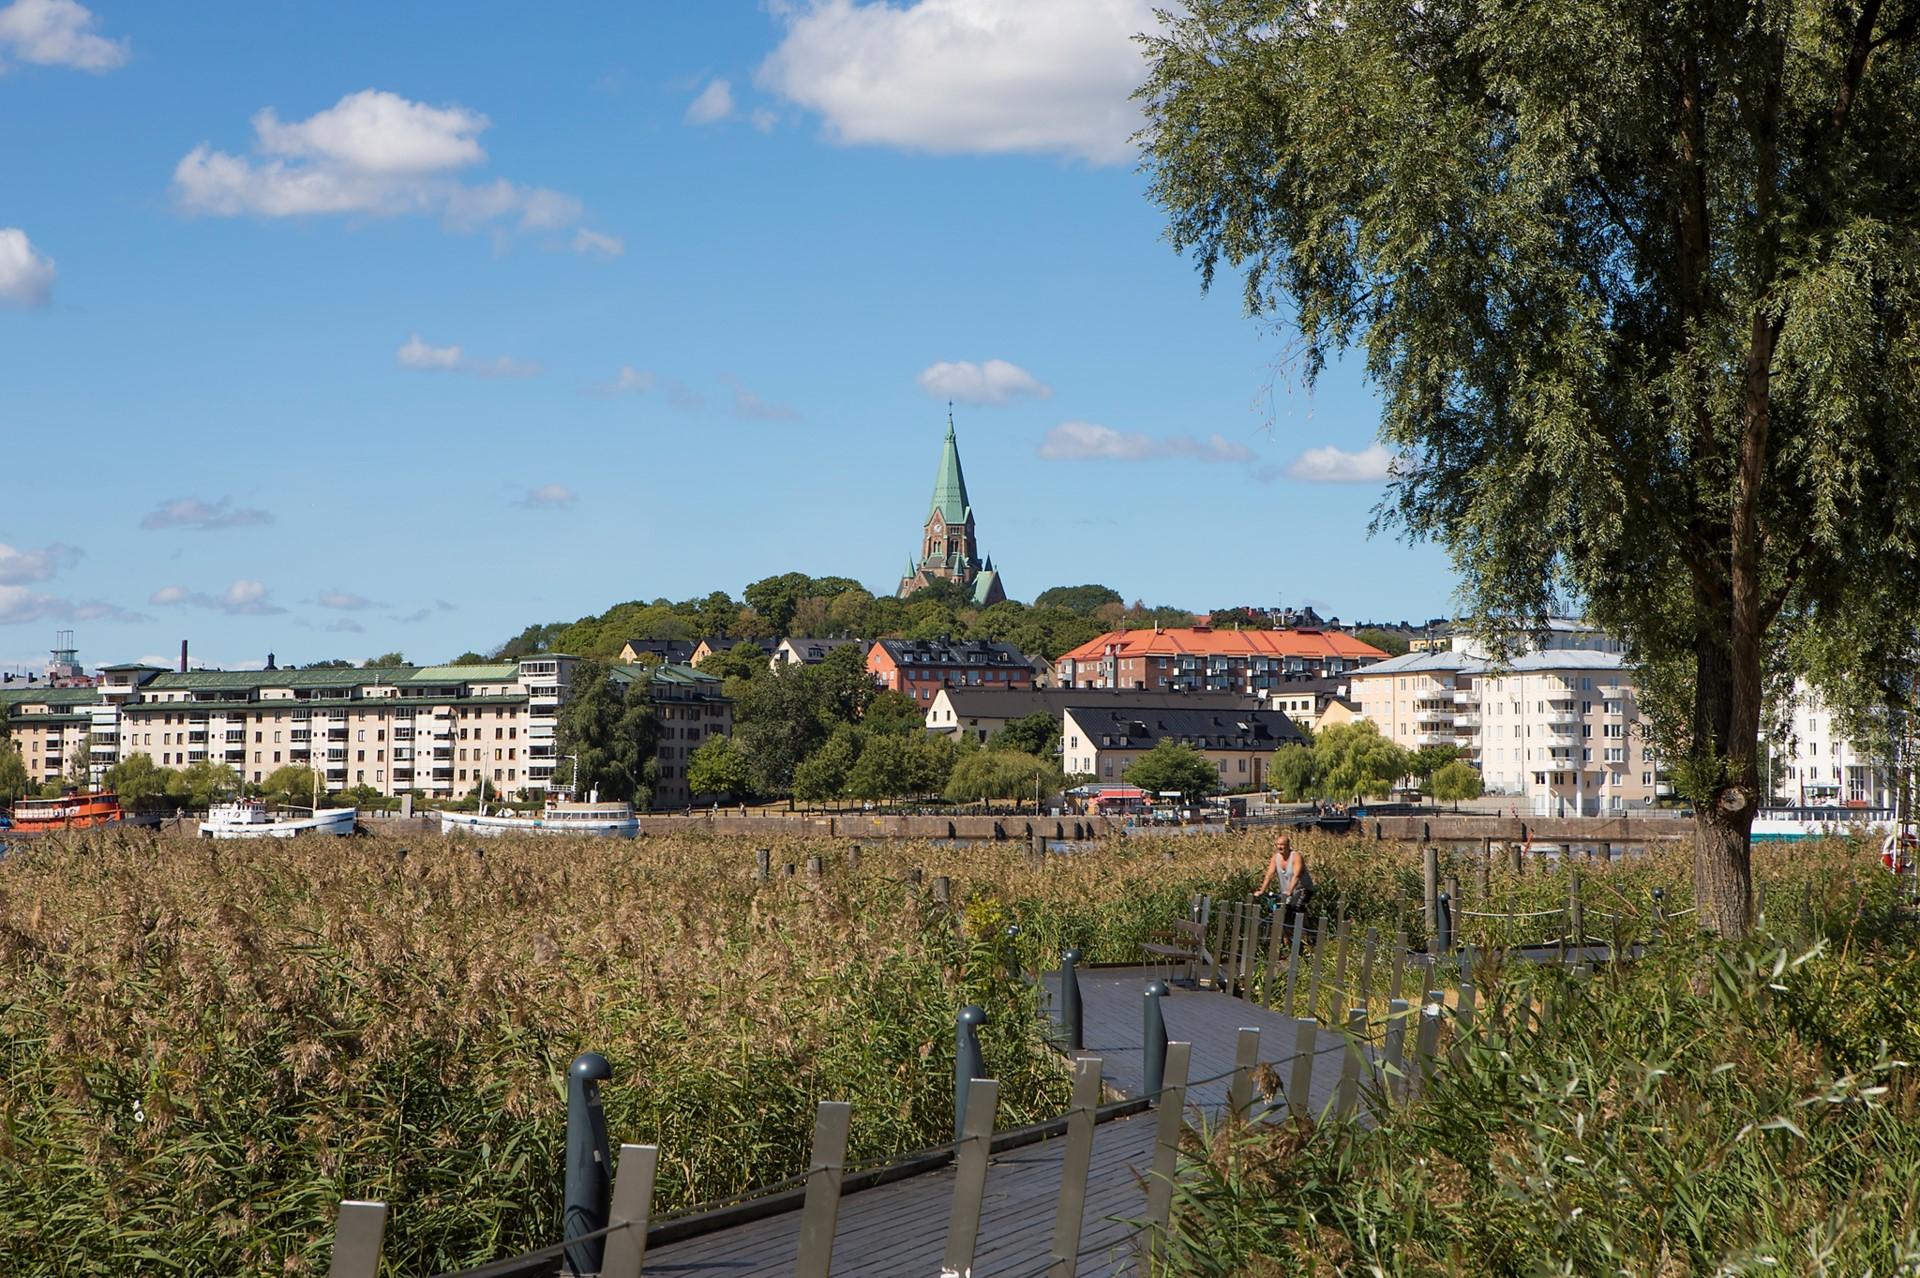 Korphoppsgatan 25, 2 tr Gårdshus! - Mysiga promenadstråk längs med bryggorna